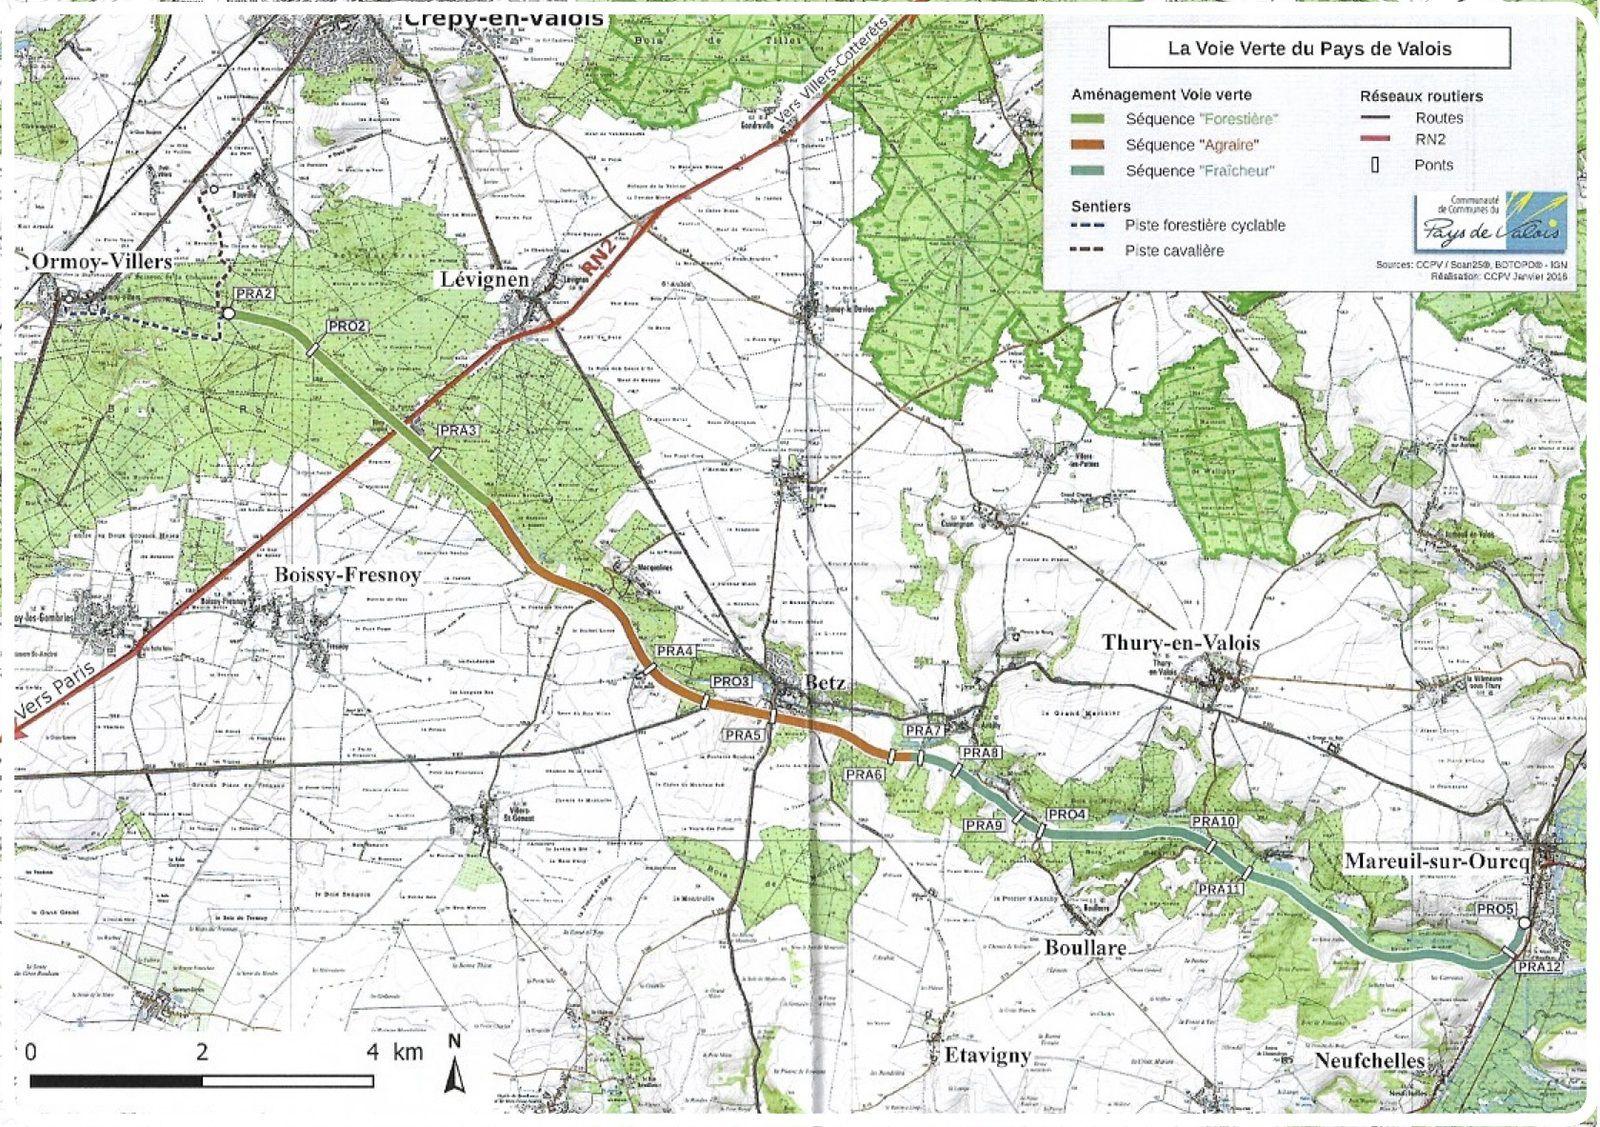 La voie verte dans le pays de Valois